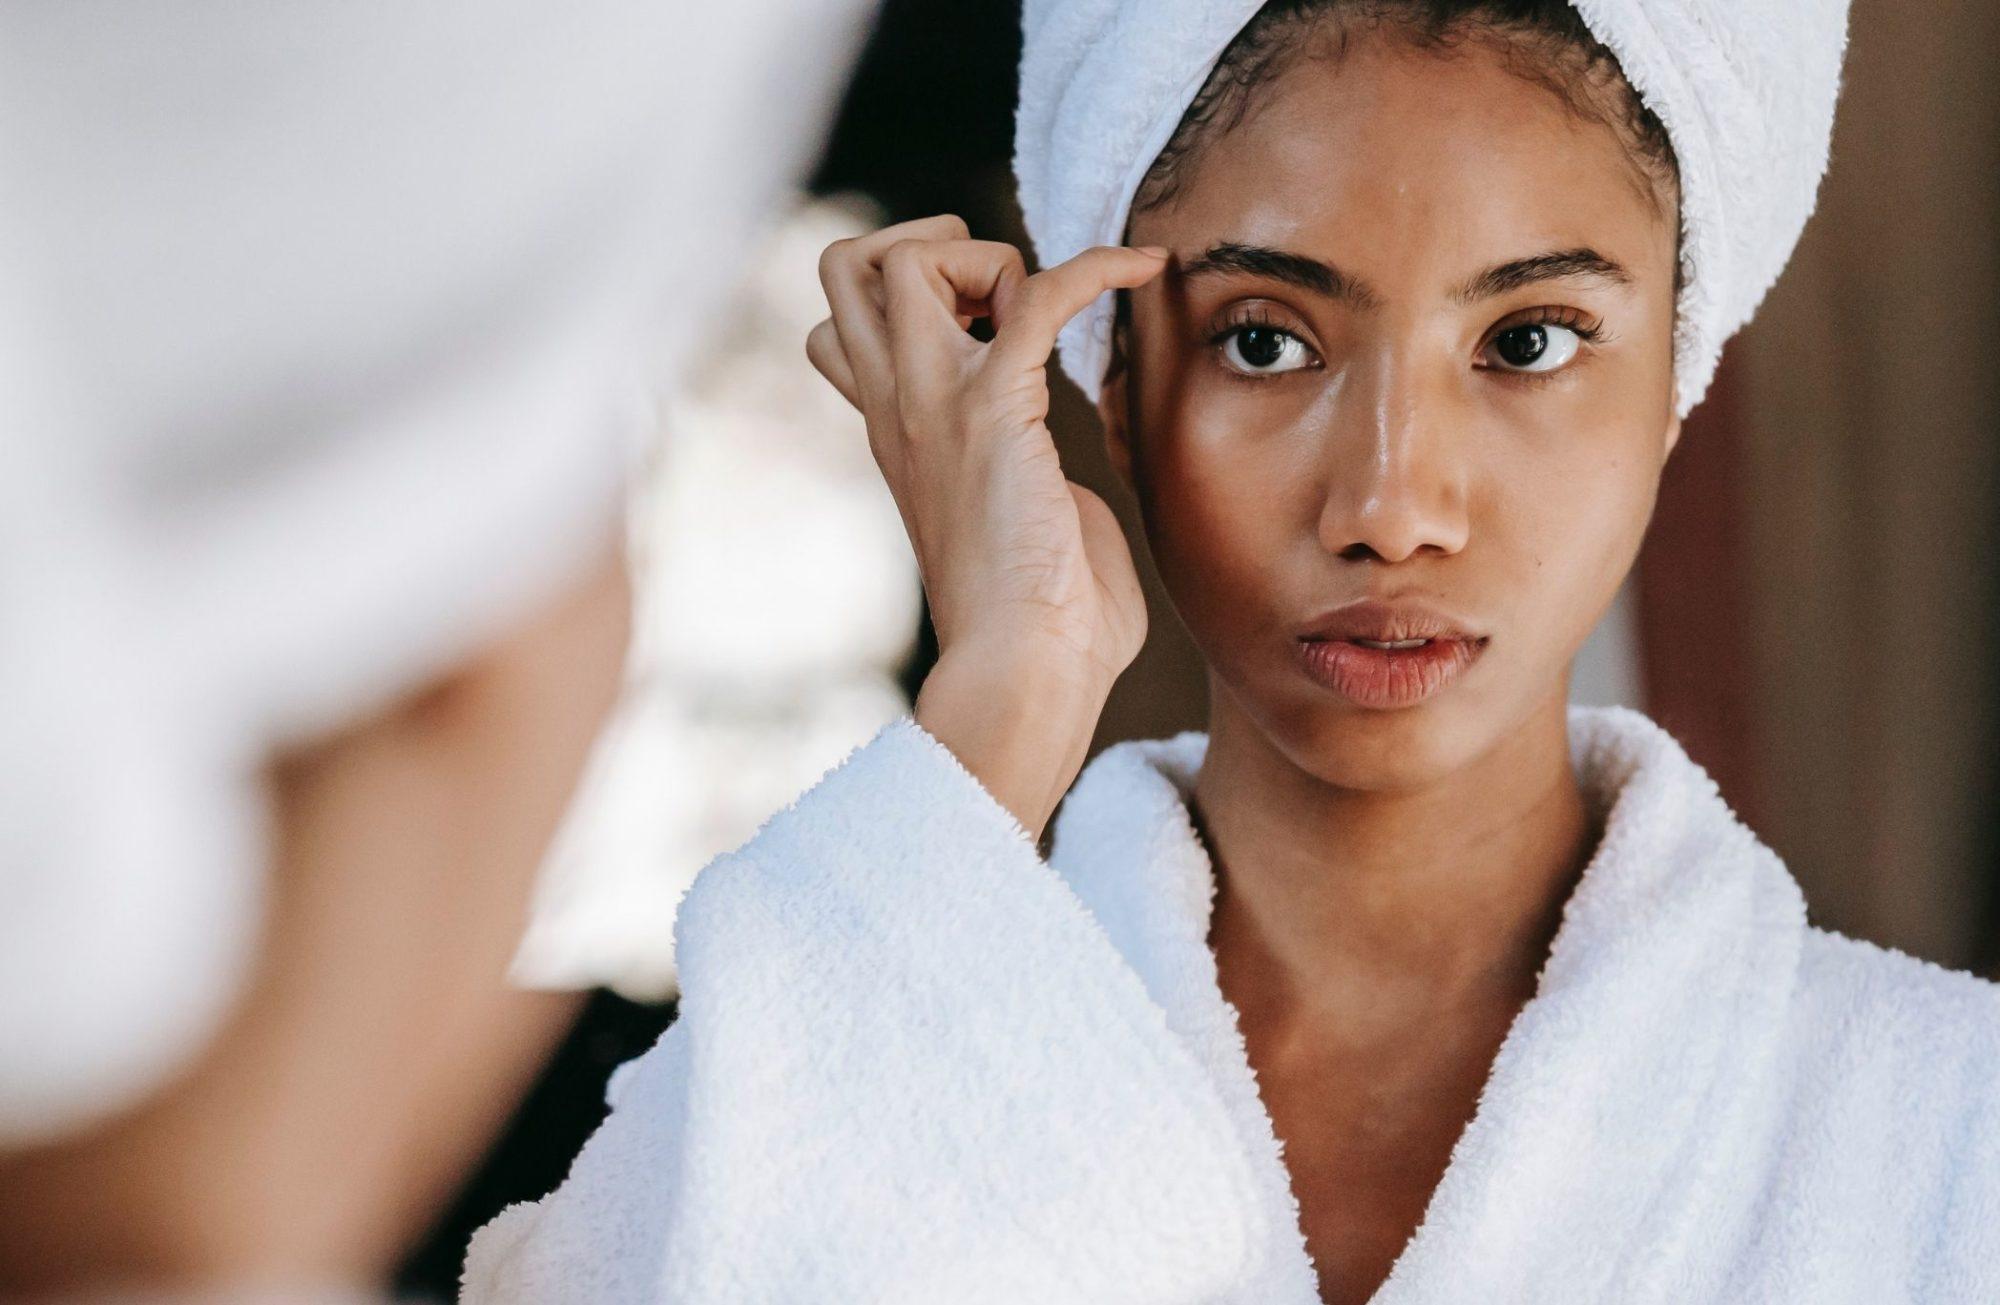 Le yoga du visage : 5 exercices pour le rajeunir